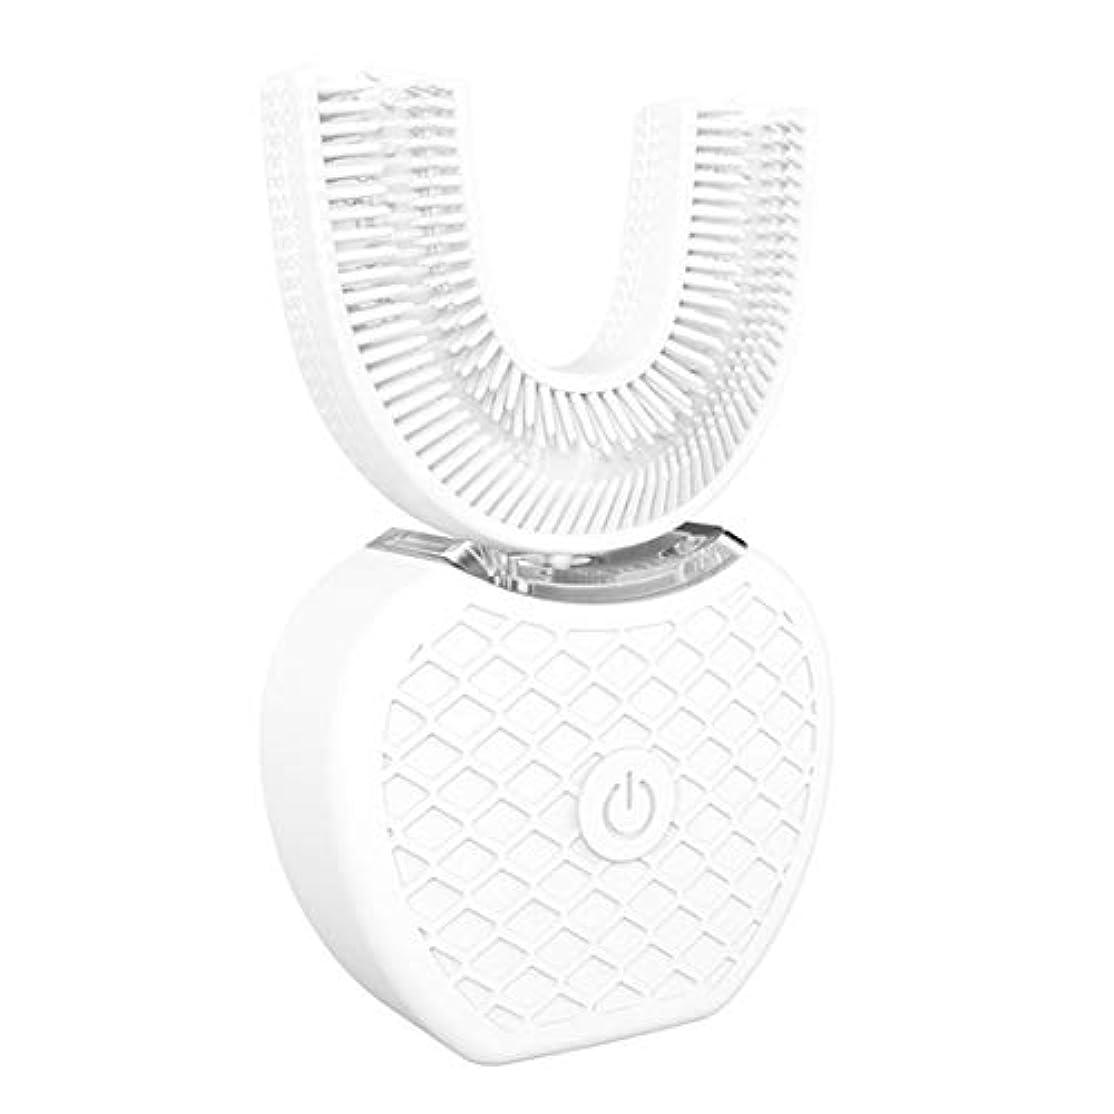 わかる進む空港Vホワイト360インテリジェント自動ソニック電動歯ブラシUタイプUSB充電式口腔歯シリコーンブラシヘッド歯磨き粉(白)